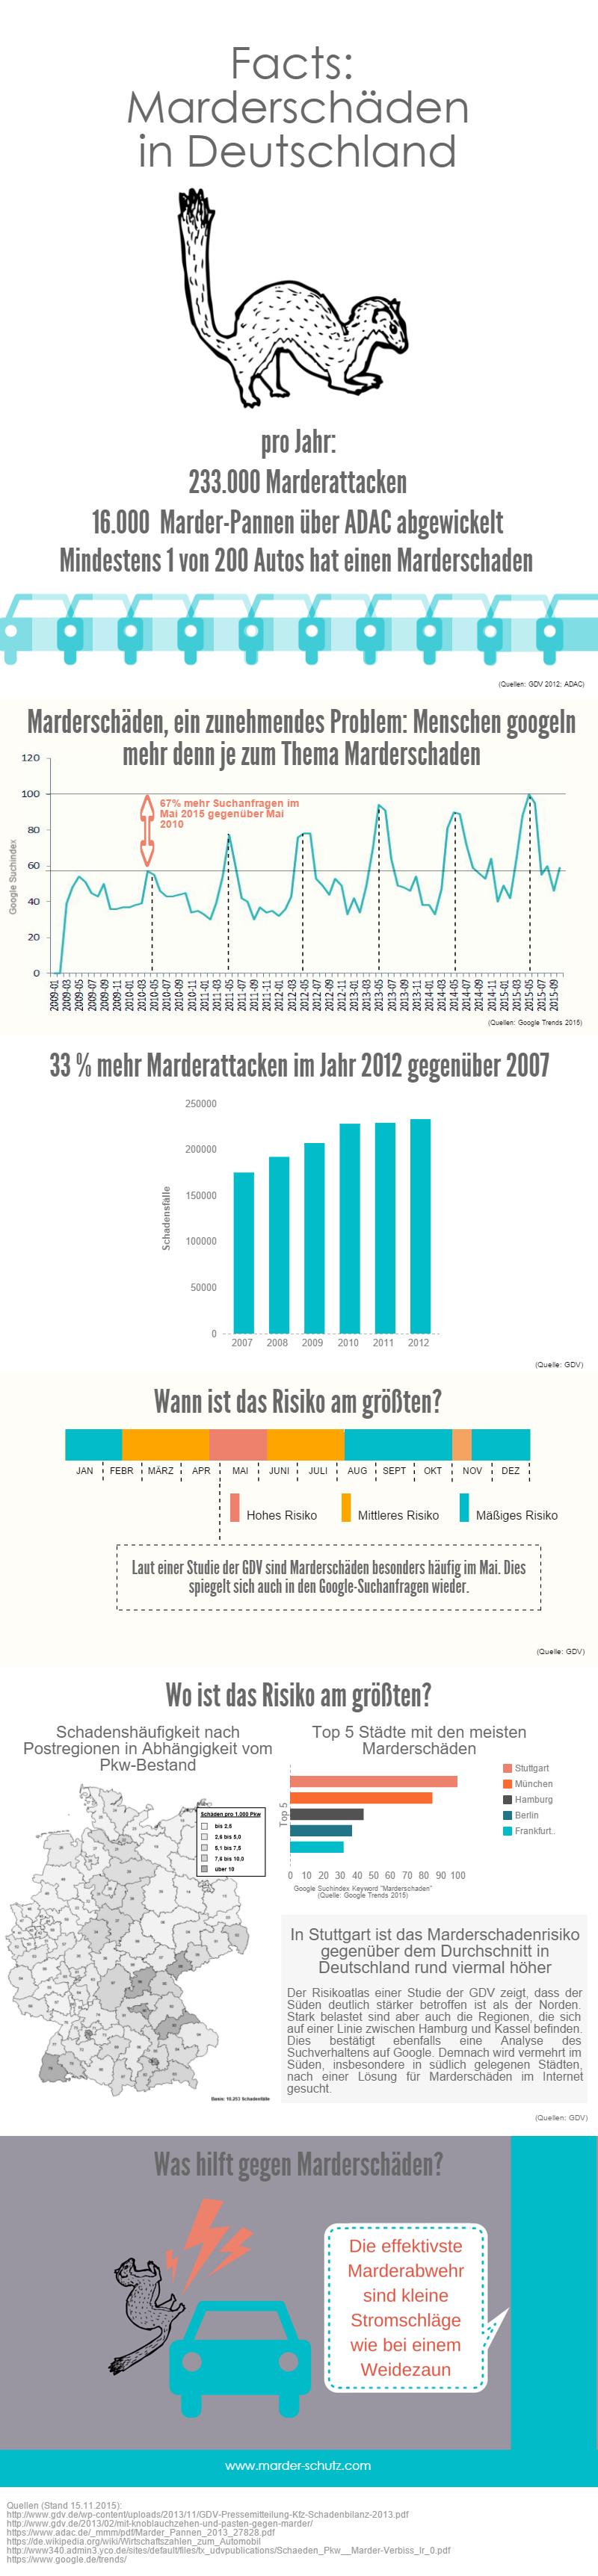 Infografik: Marderschäden in Deutschland. Studien, Statistiken, Zahlen, Fakten - Quellen: ADAC, GDV, Google Trends